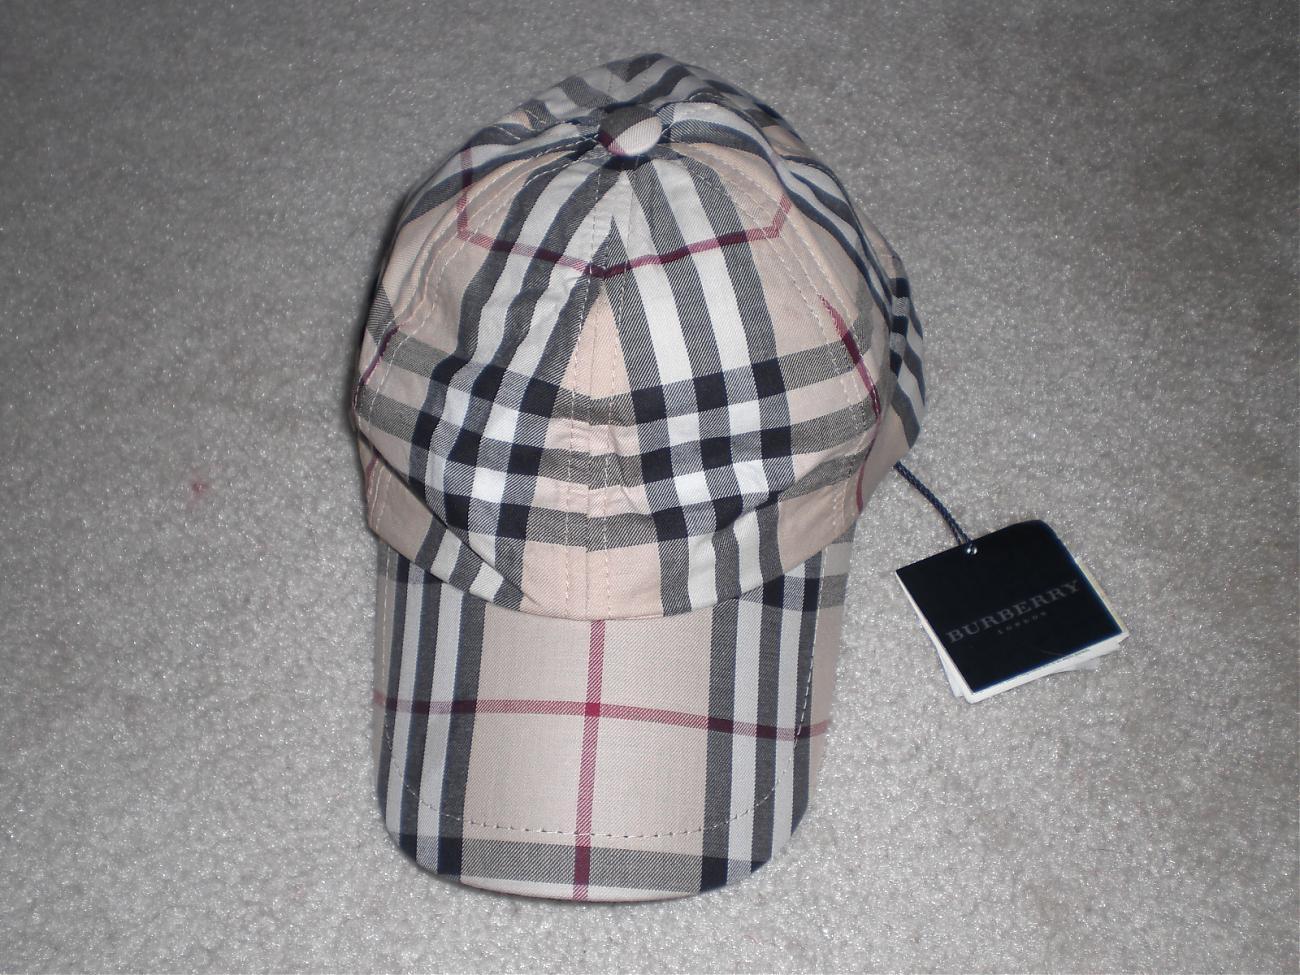 FS  Burberry Nova Check cap And Umbrella 0fb9c536b61